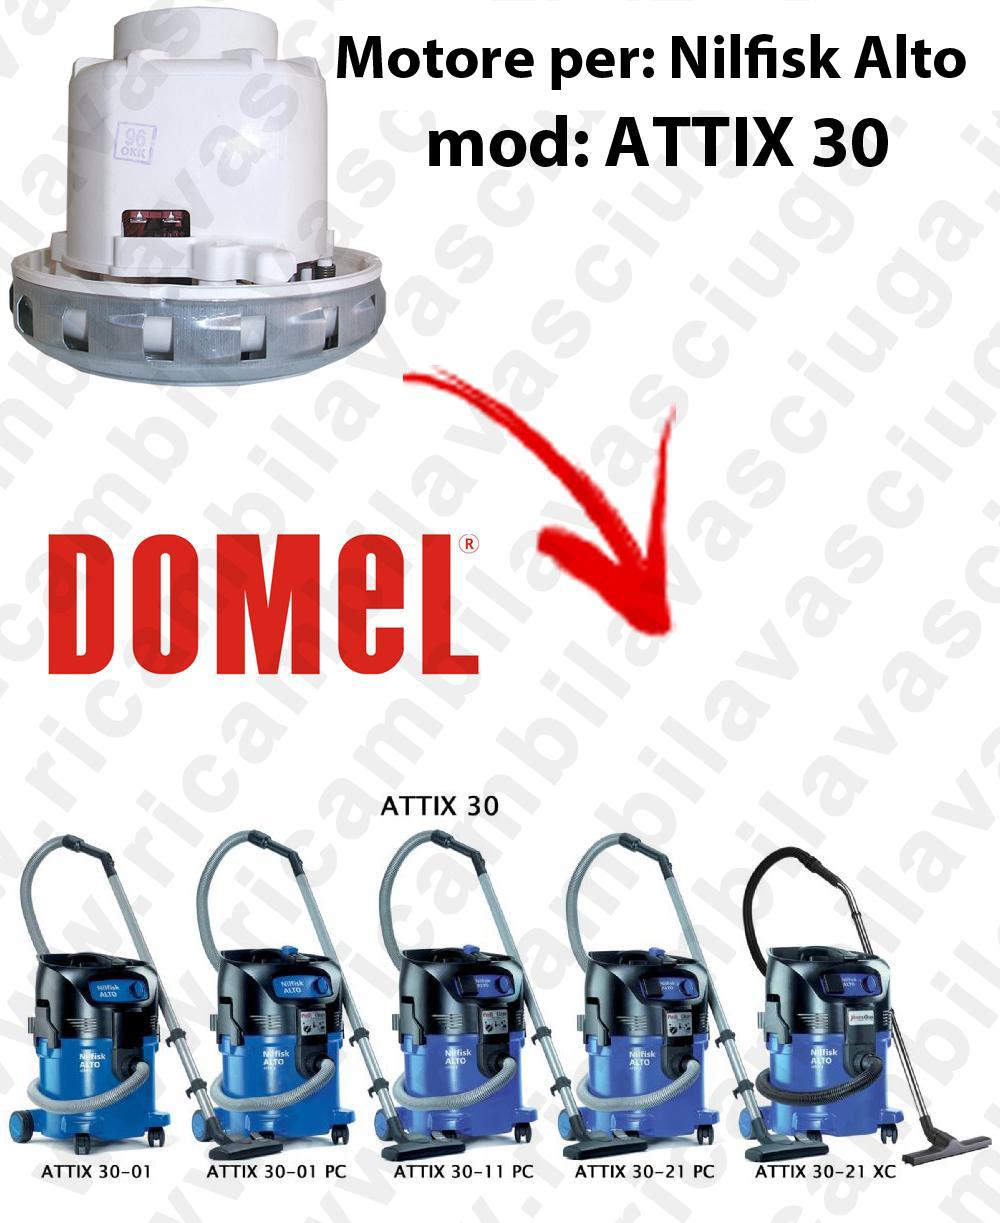 ATTIX 30 Saugmotor DOMEL für Staubsauger NILFISK ALTO